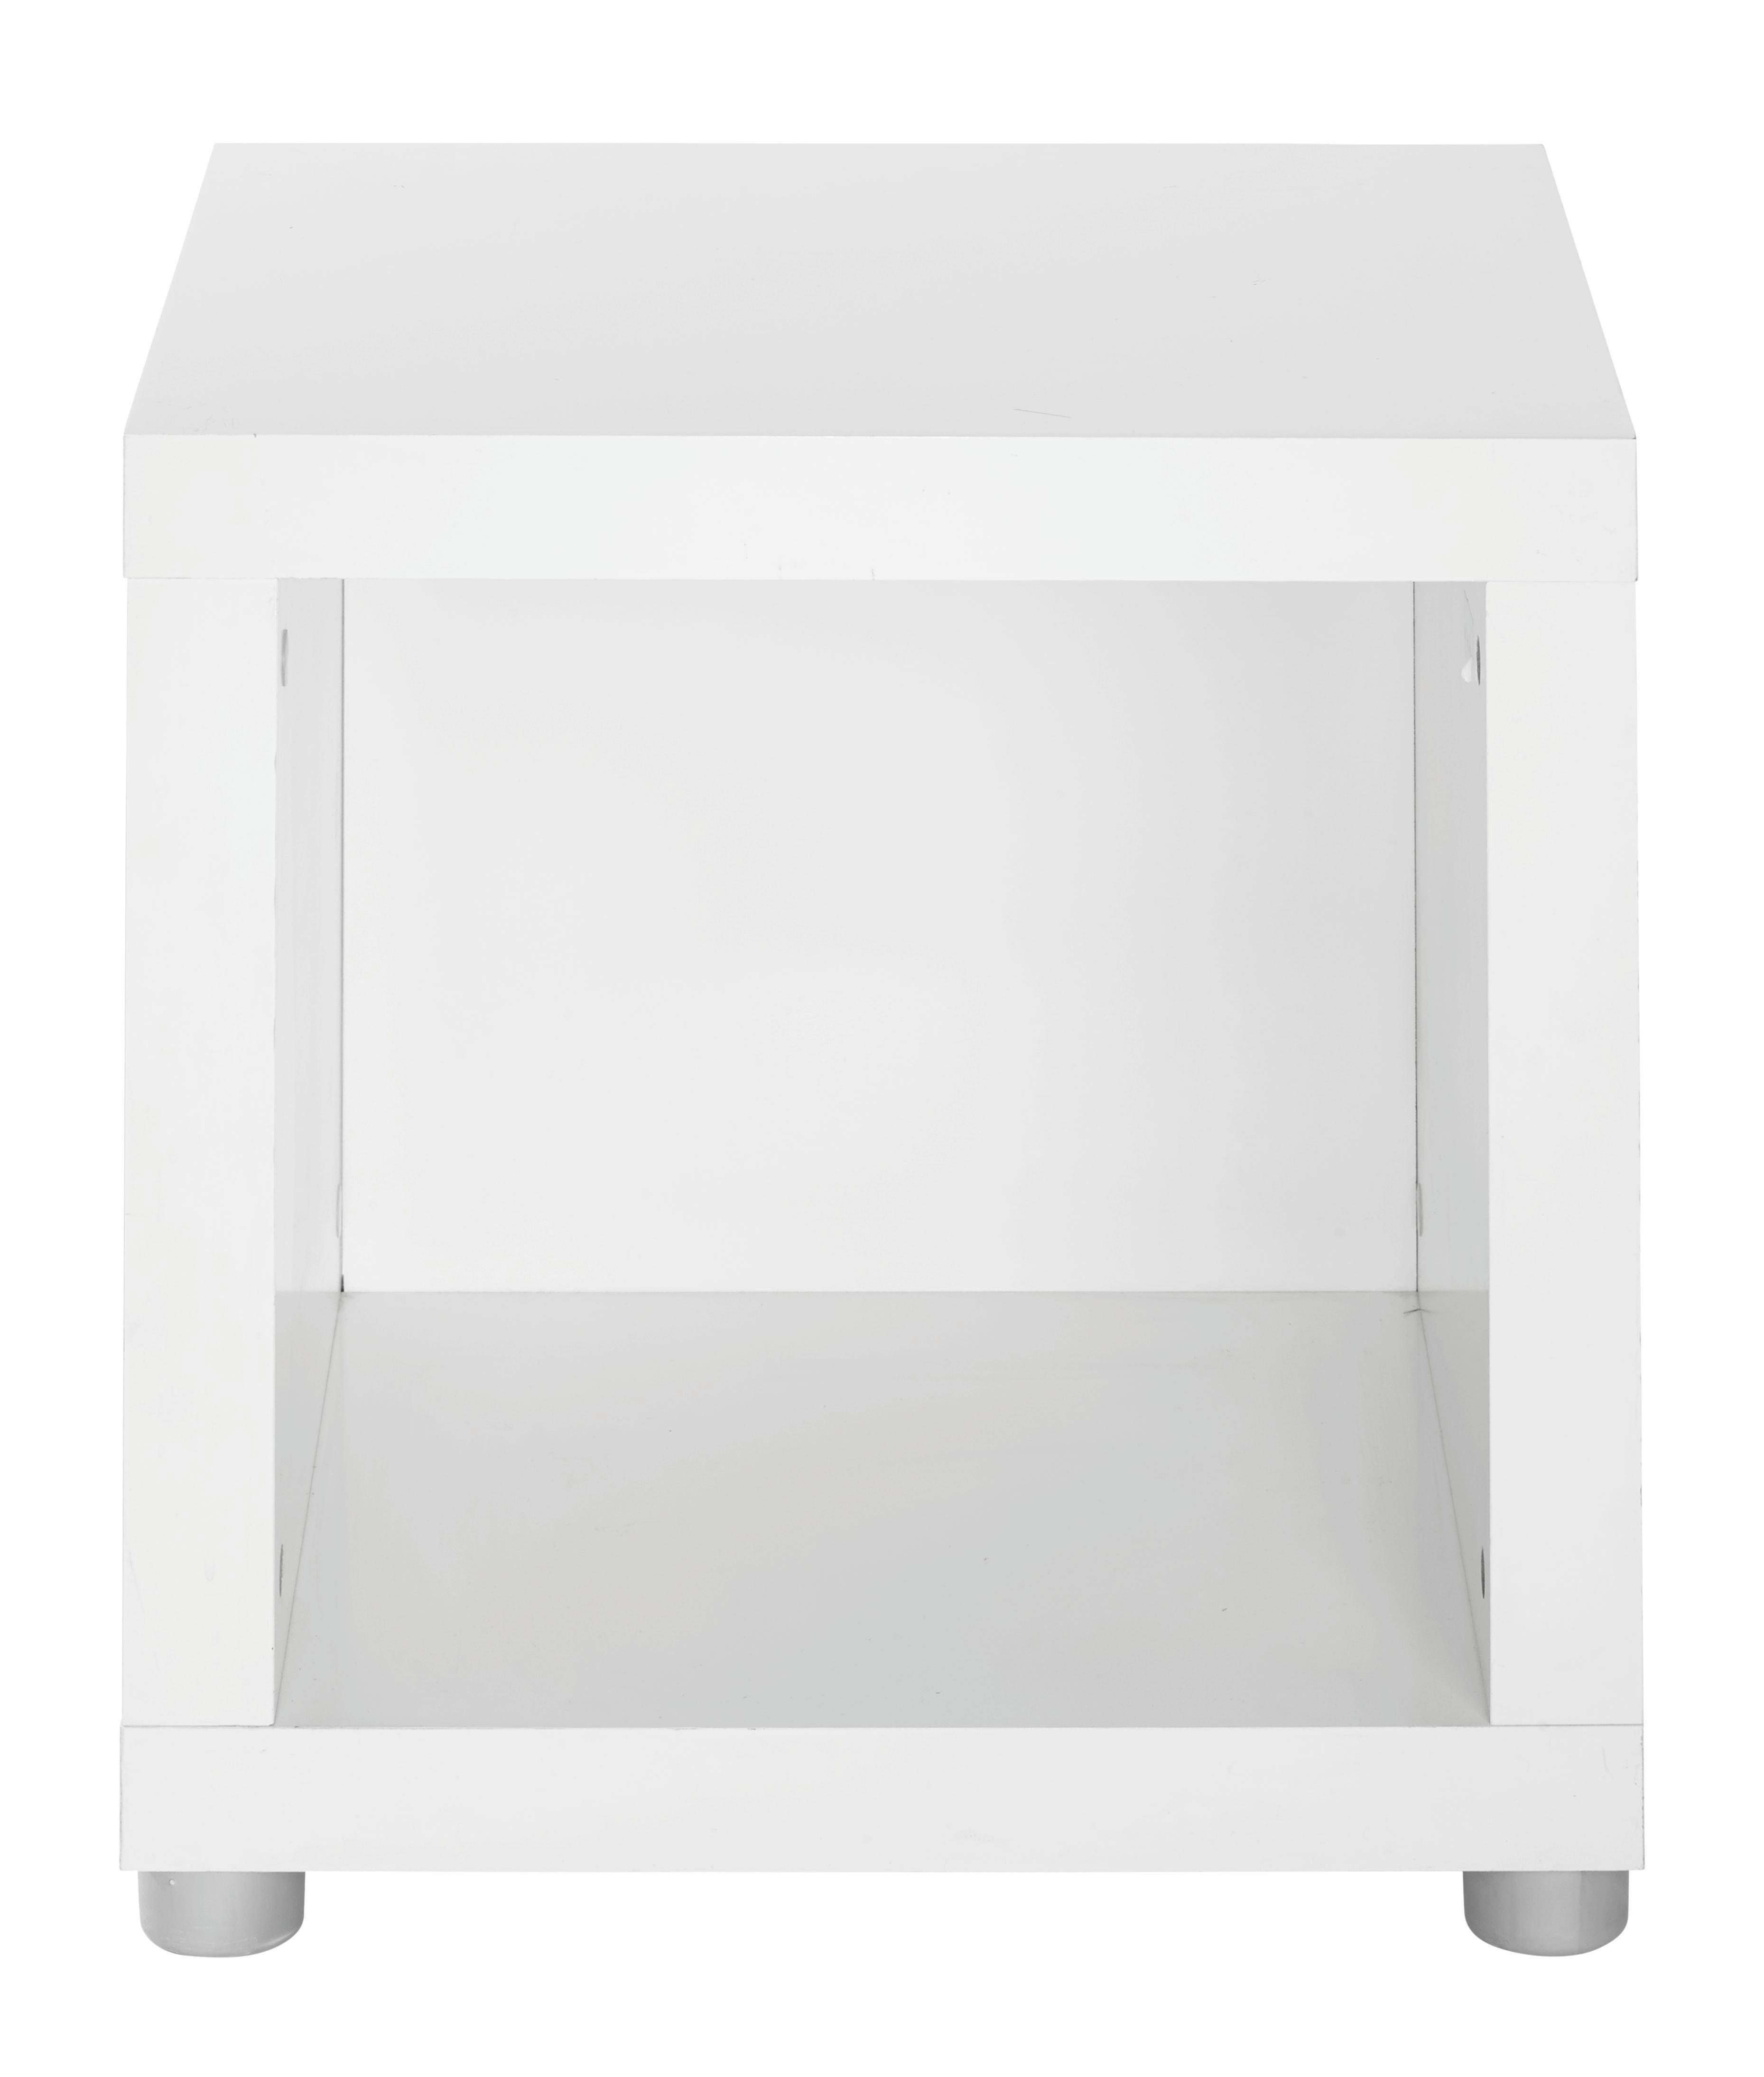 Beistelltisch in Weiß lackiert - (44/46/35cm) - MÖMAX modern living